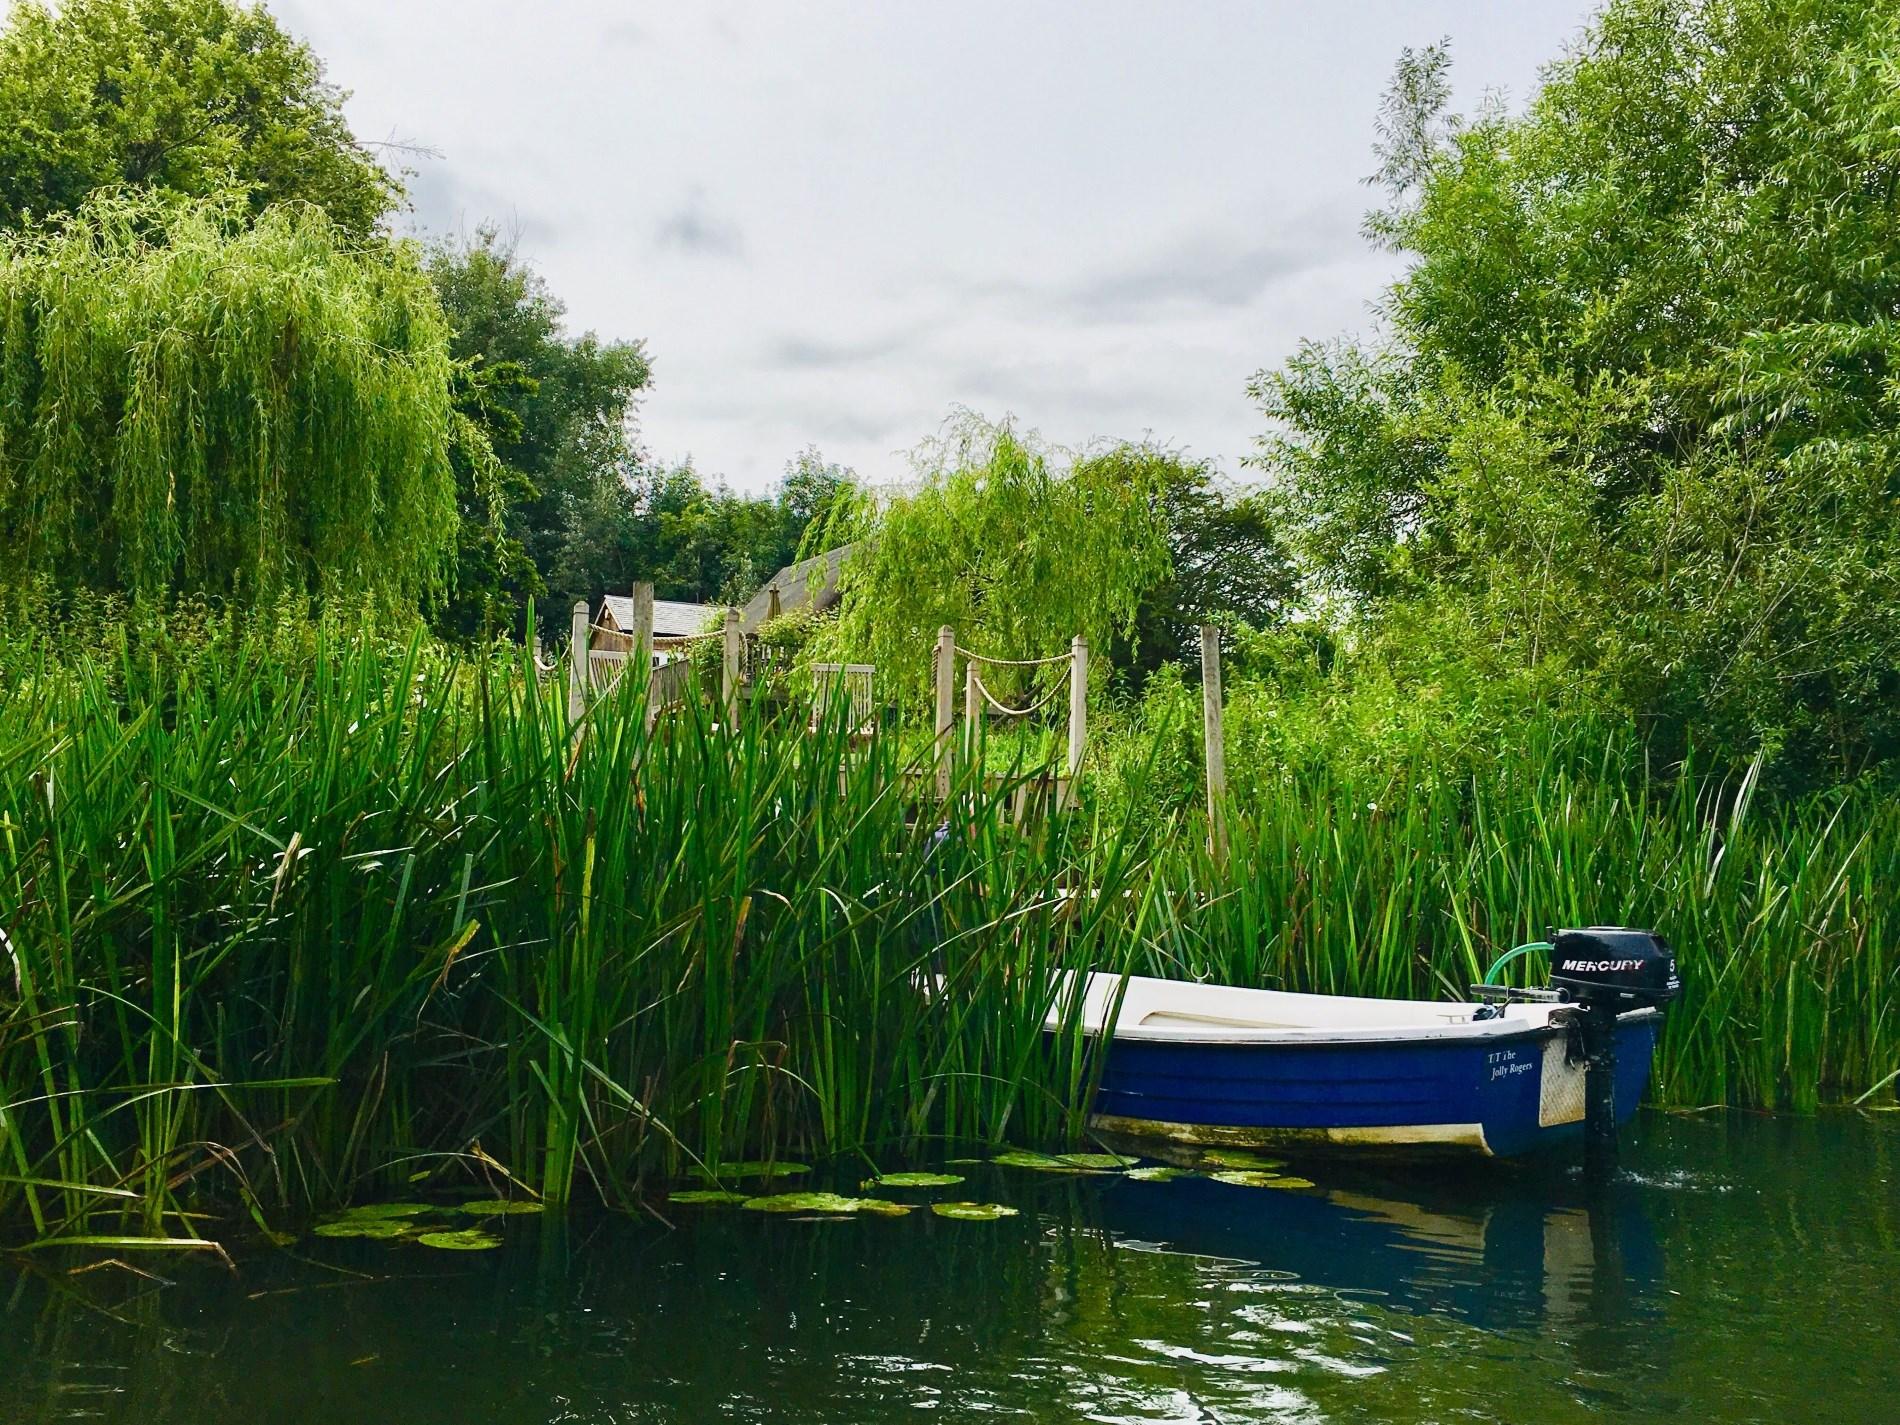 Feriencottage in Stratford-upon-Avon